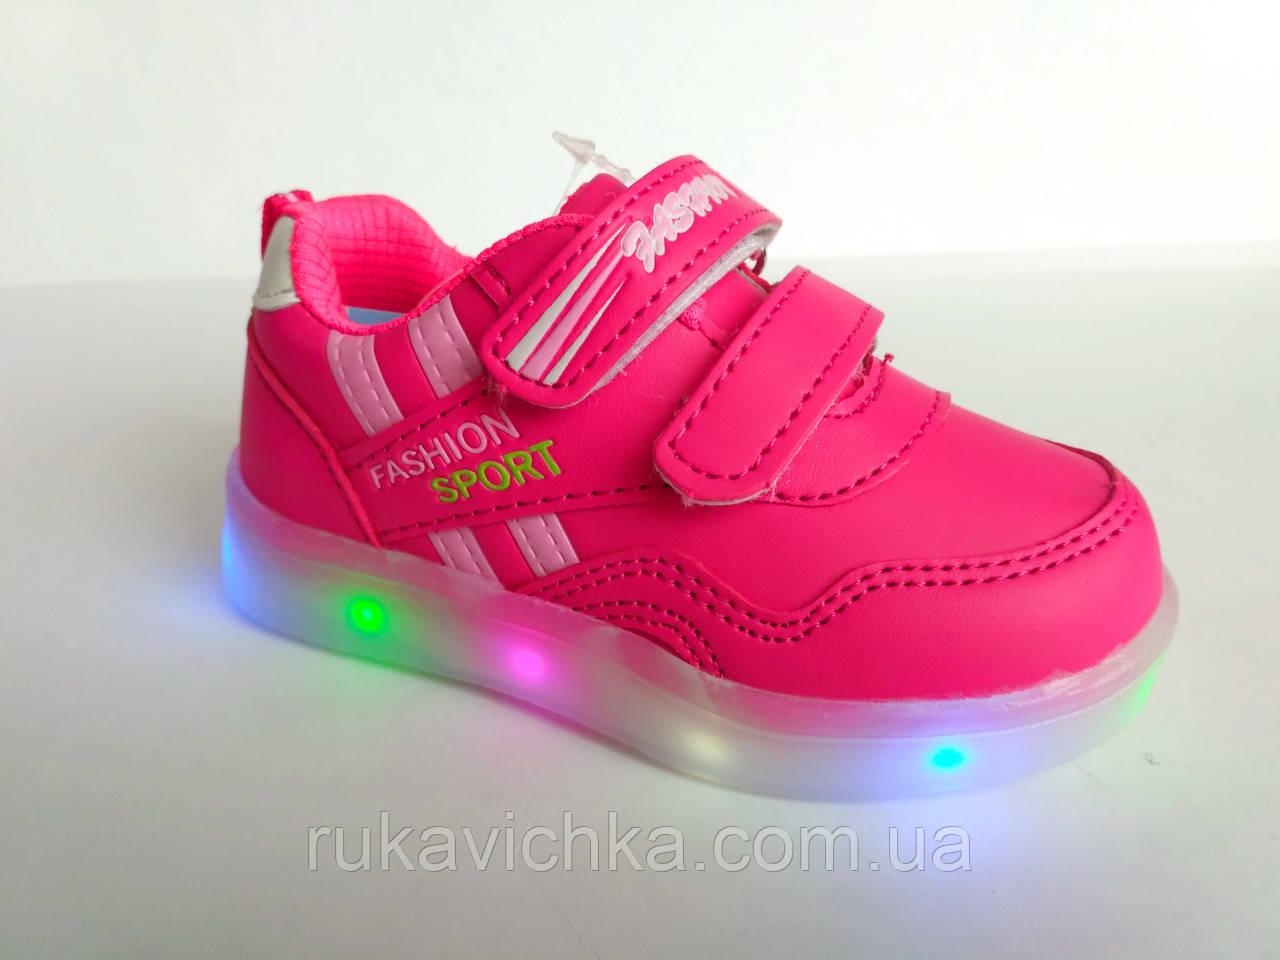 7844f2c0 Модные детские кроссовки с LED-подсветкой бренда ВВТ для девочки, р. 22-